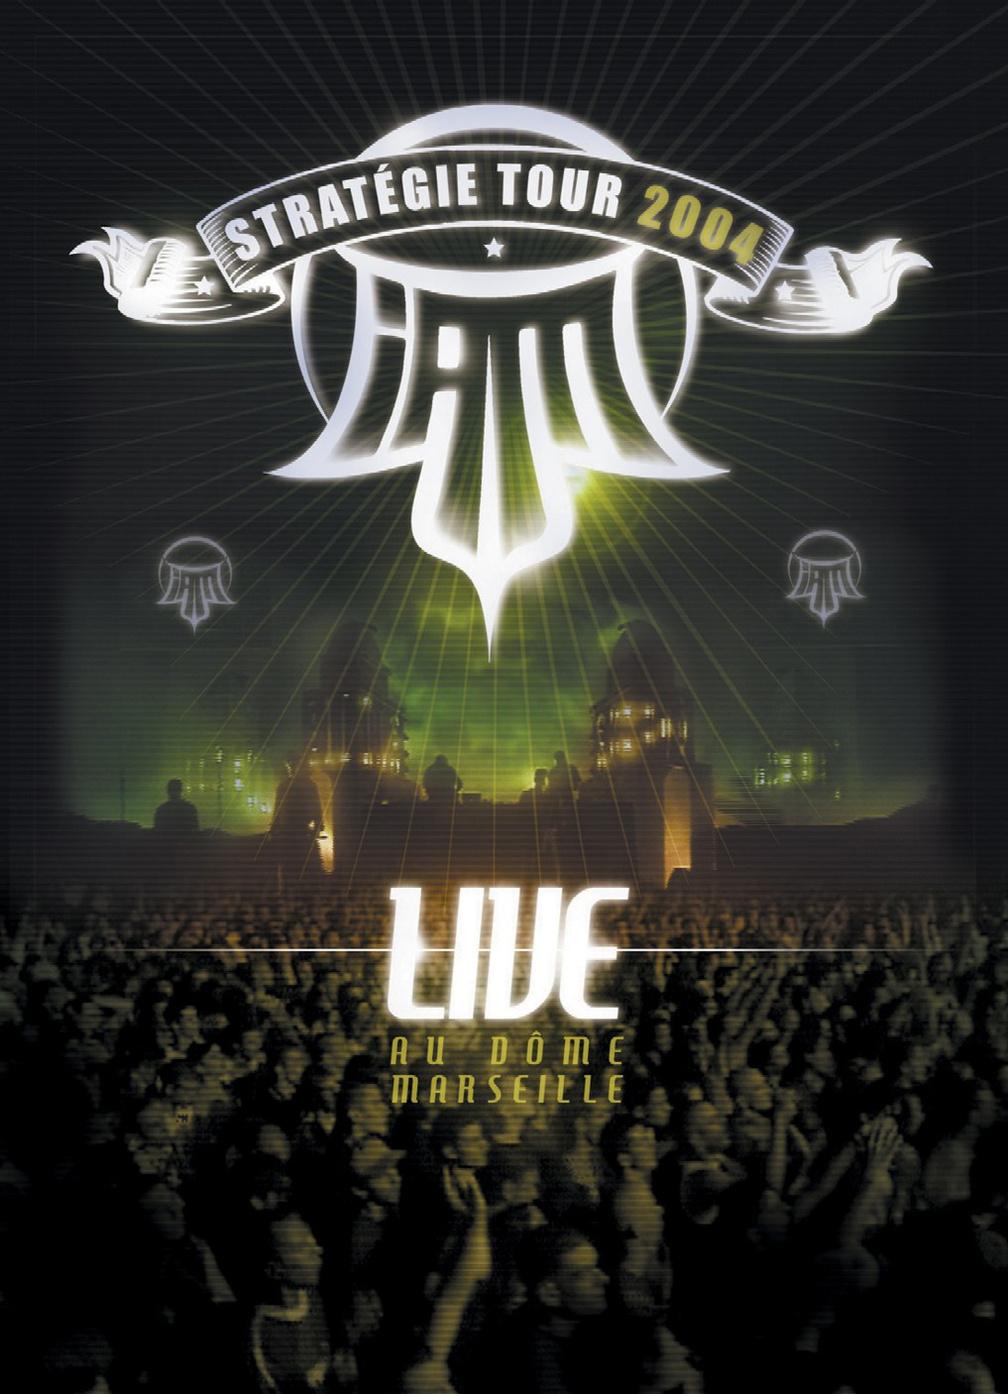 IAM - Live au Dome Marseille (Stratégie Tour 2004)